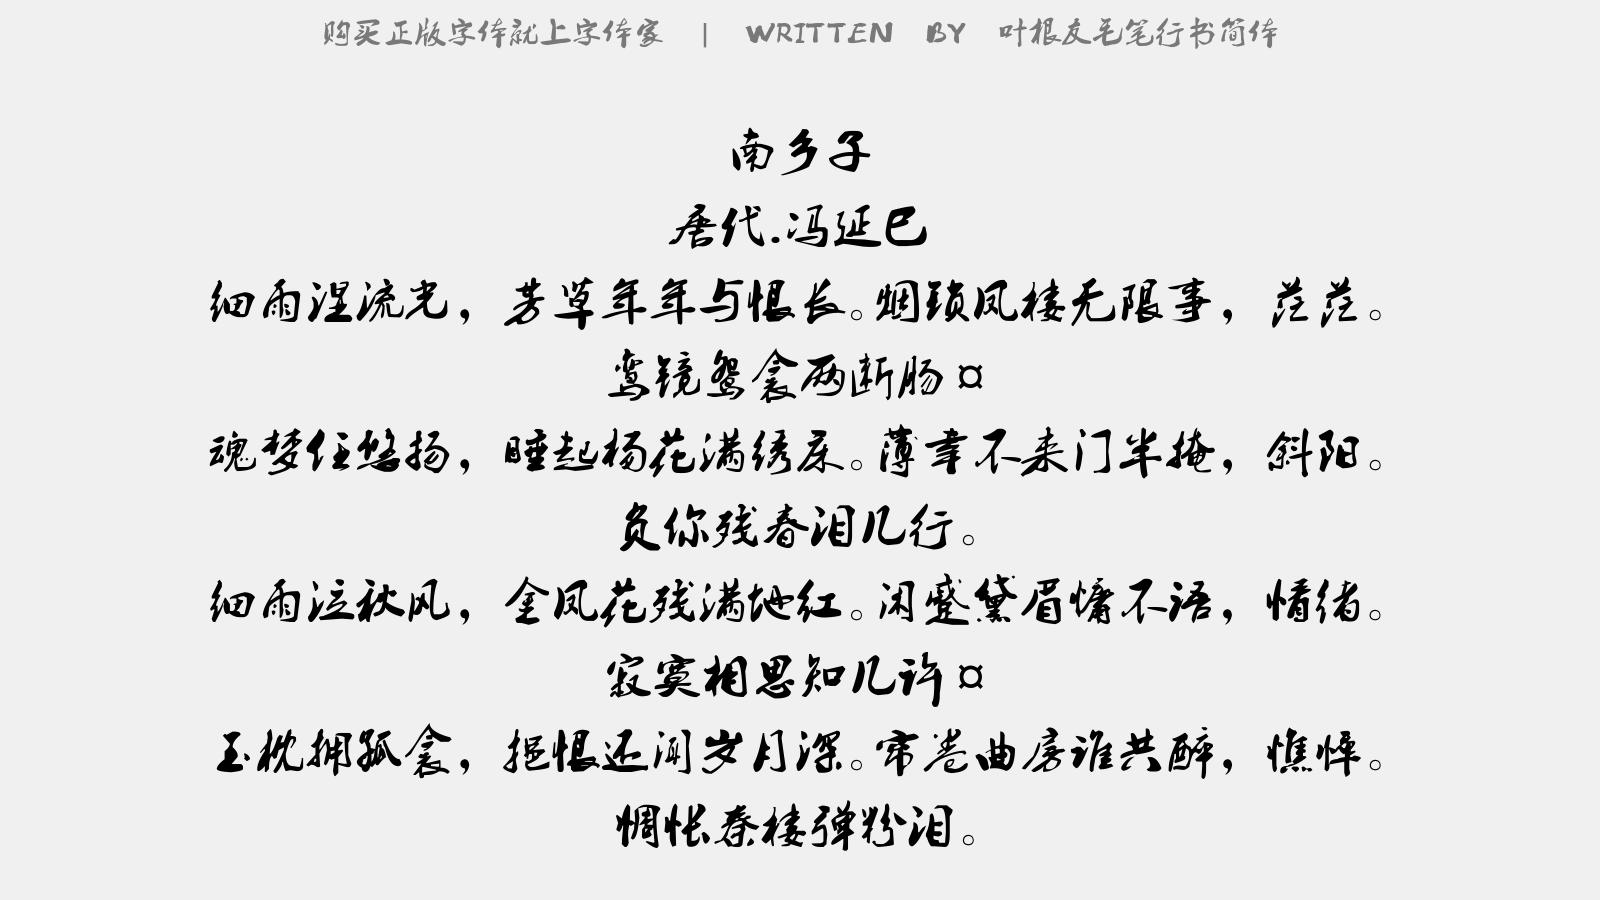 葉根友毛筆行書簡體 - 送朱山人放越州,賊退后歸山陰別業